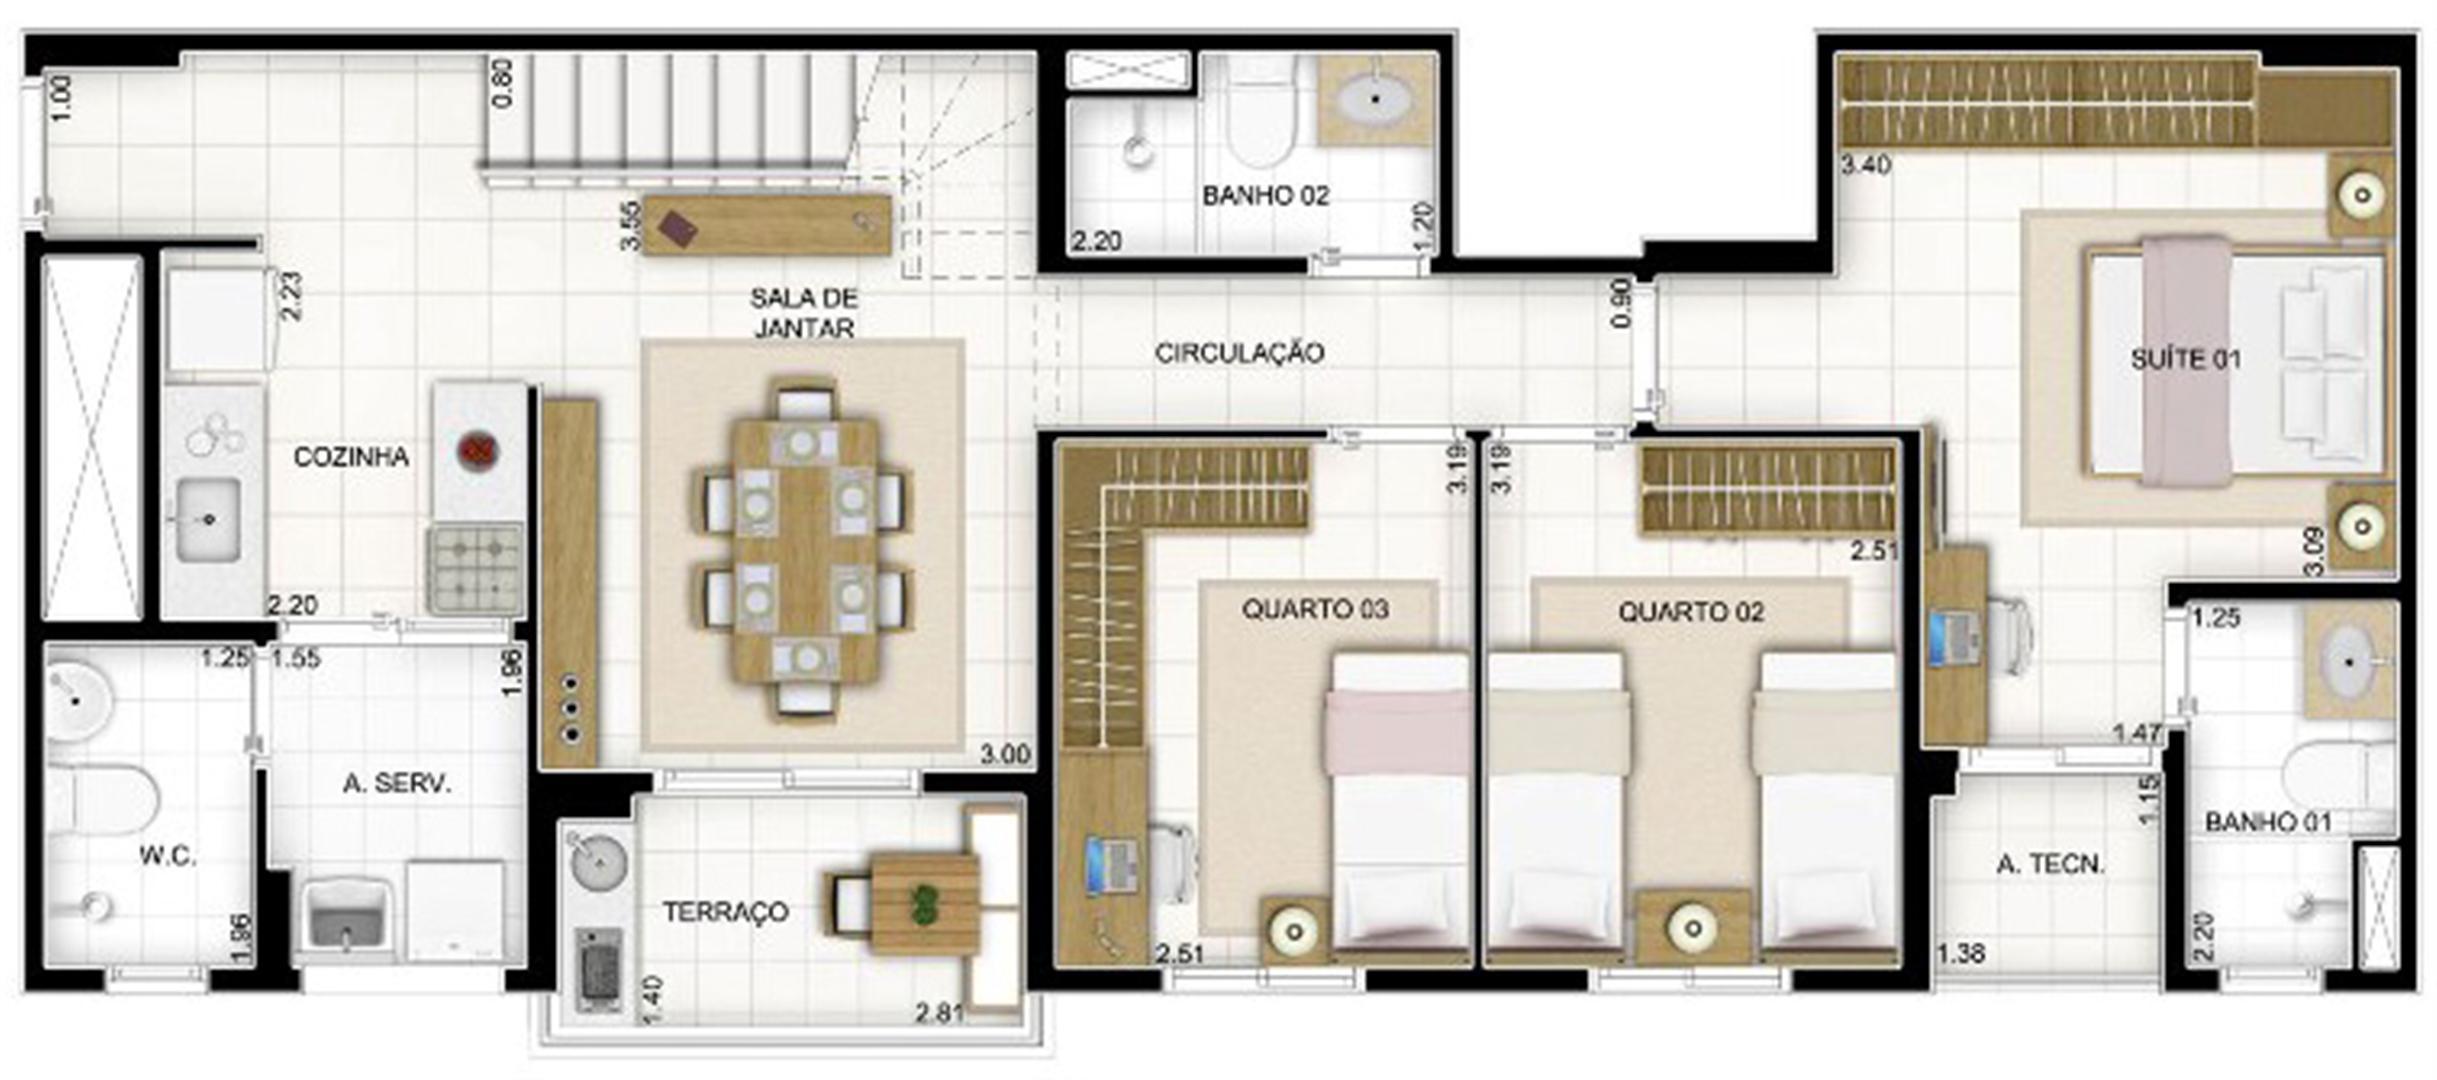 Duplex Andar Inferior 3 quartos 159 m² | Quartier Lagoa Nova – Apartamento na  Lagoa Nova - Natal - Rio Grande do Norte